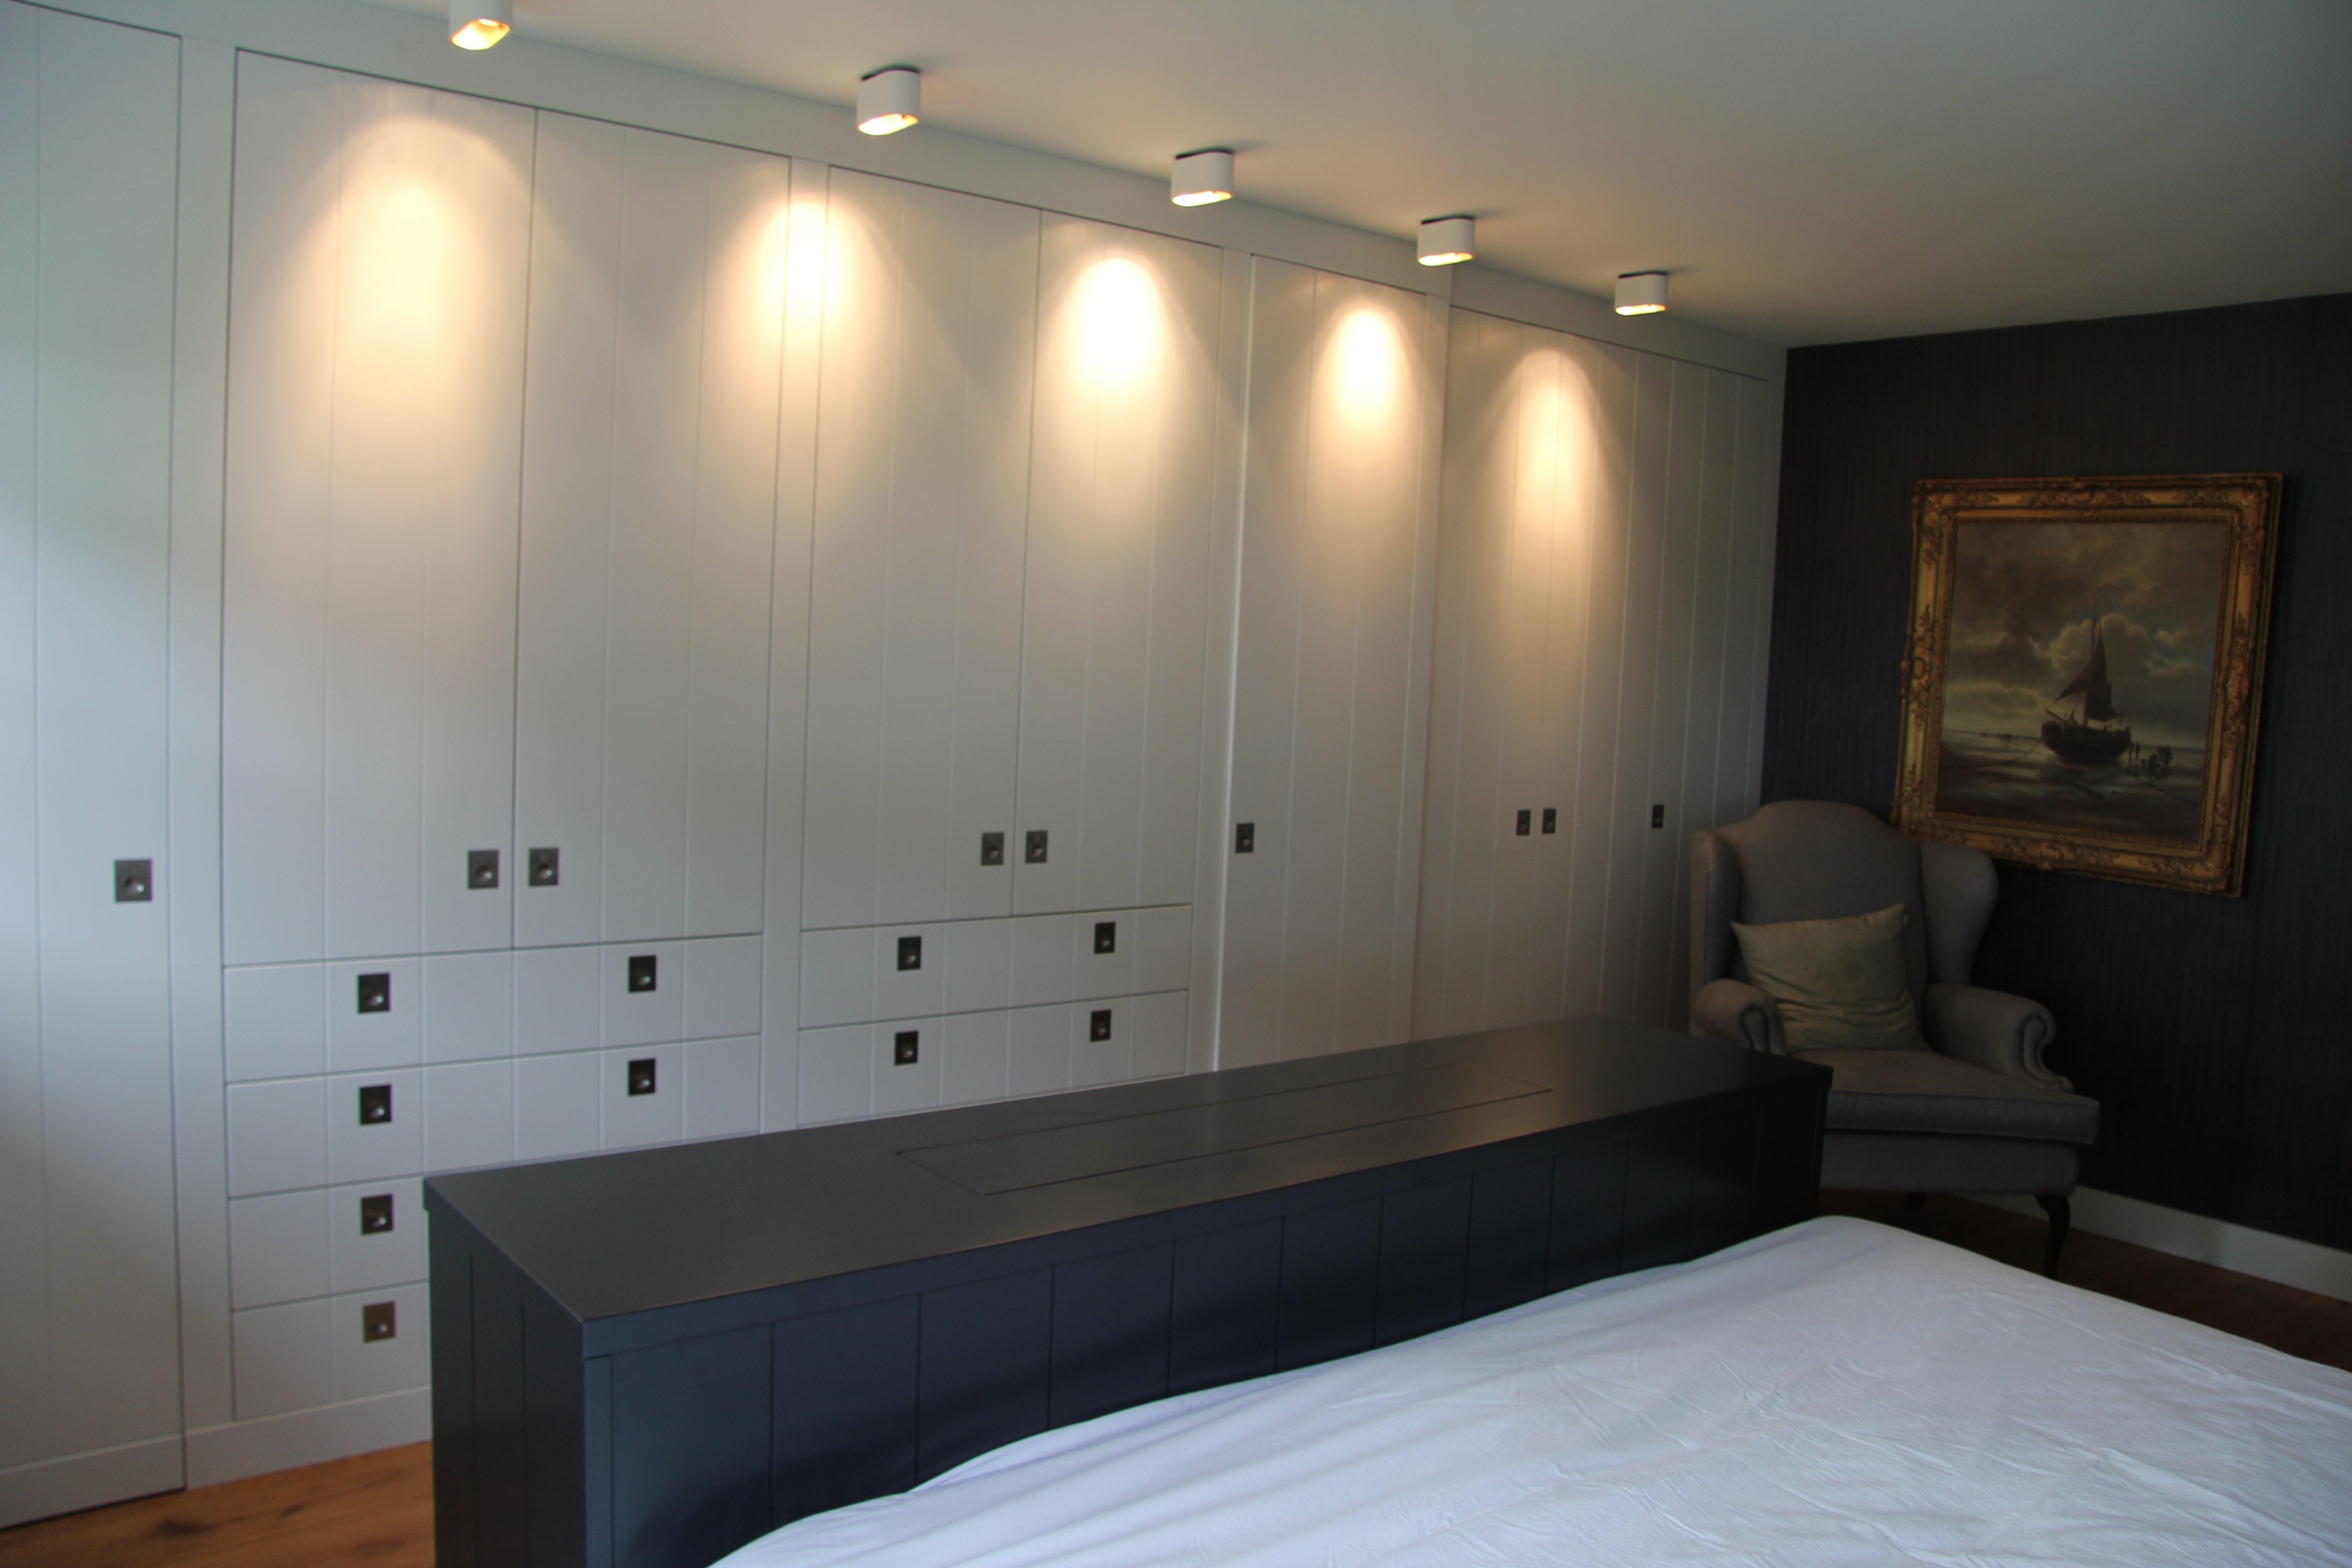 Kledingkasten wit met de duell plafond lamp wit met champagnekleur van binnen voor prachtig warm - Bed plafond ...